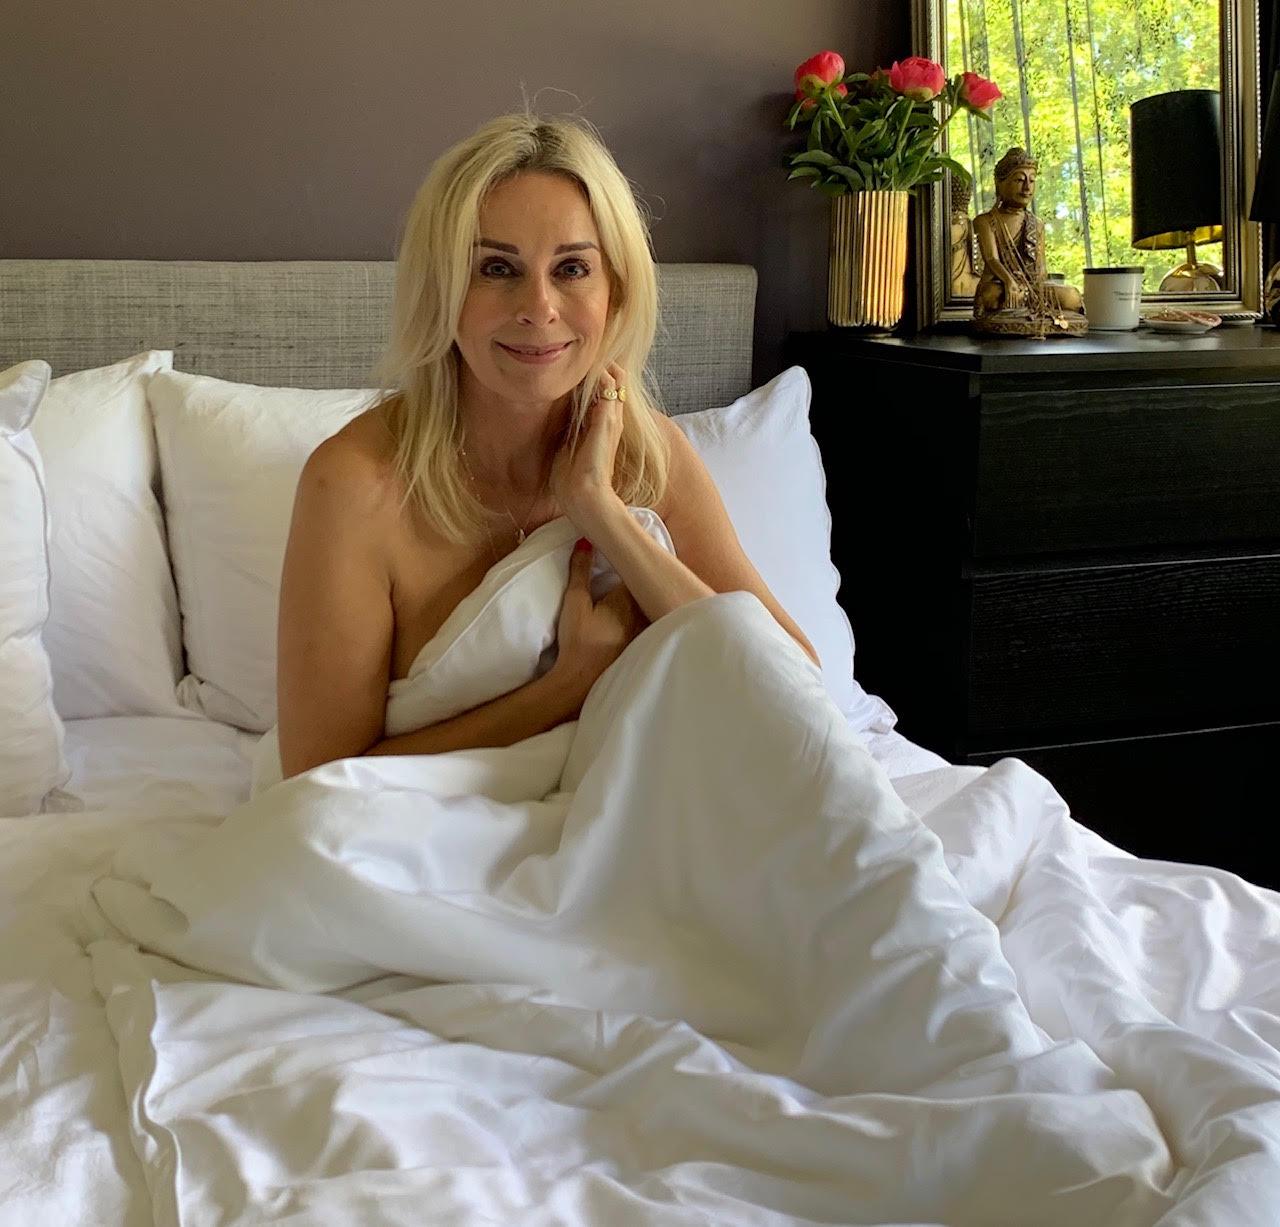 Bambus sengetøj, søvn, sopire, søvn & comfort, sov godt